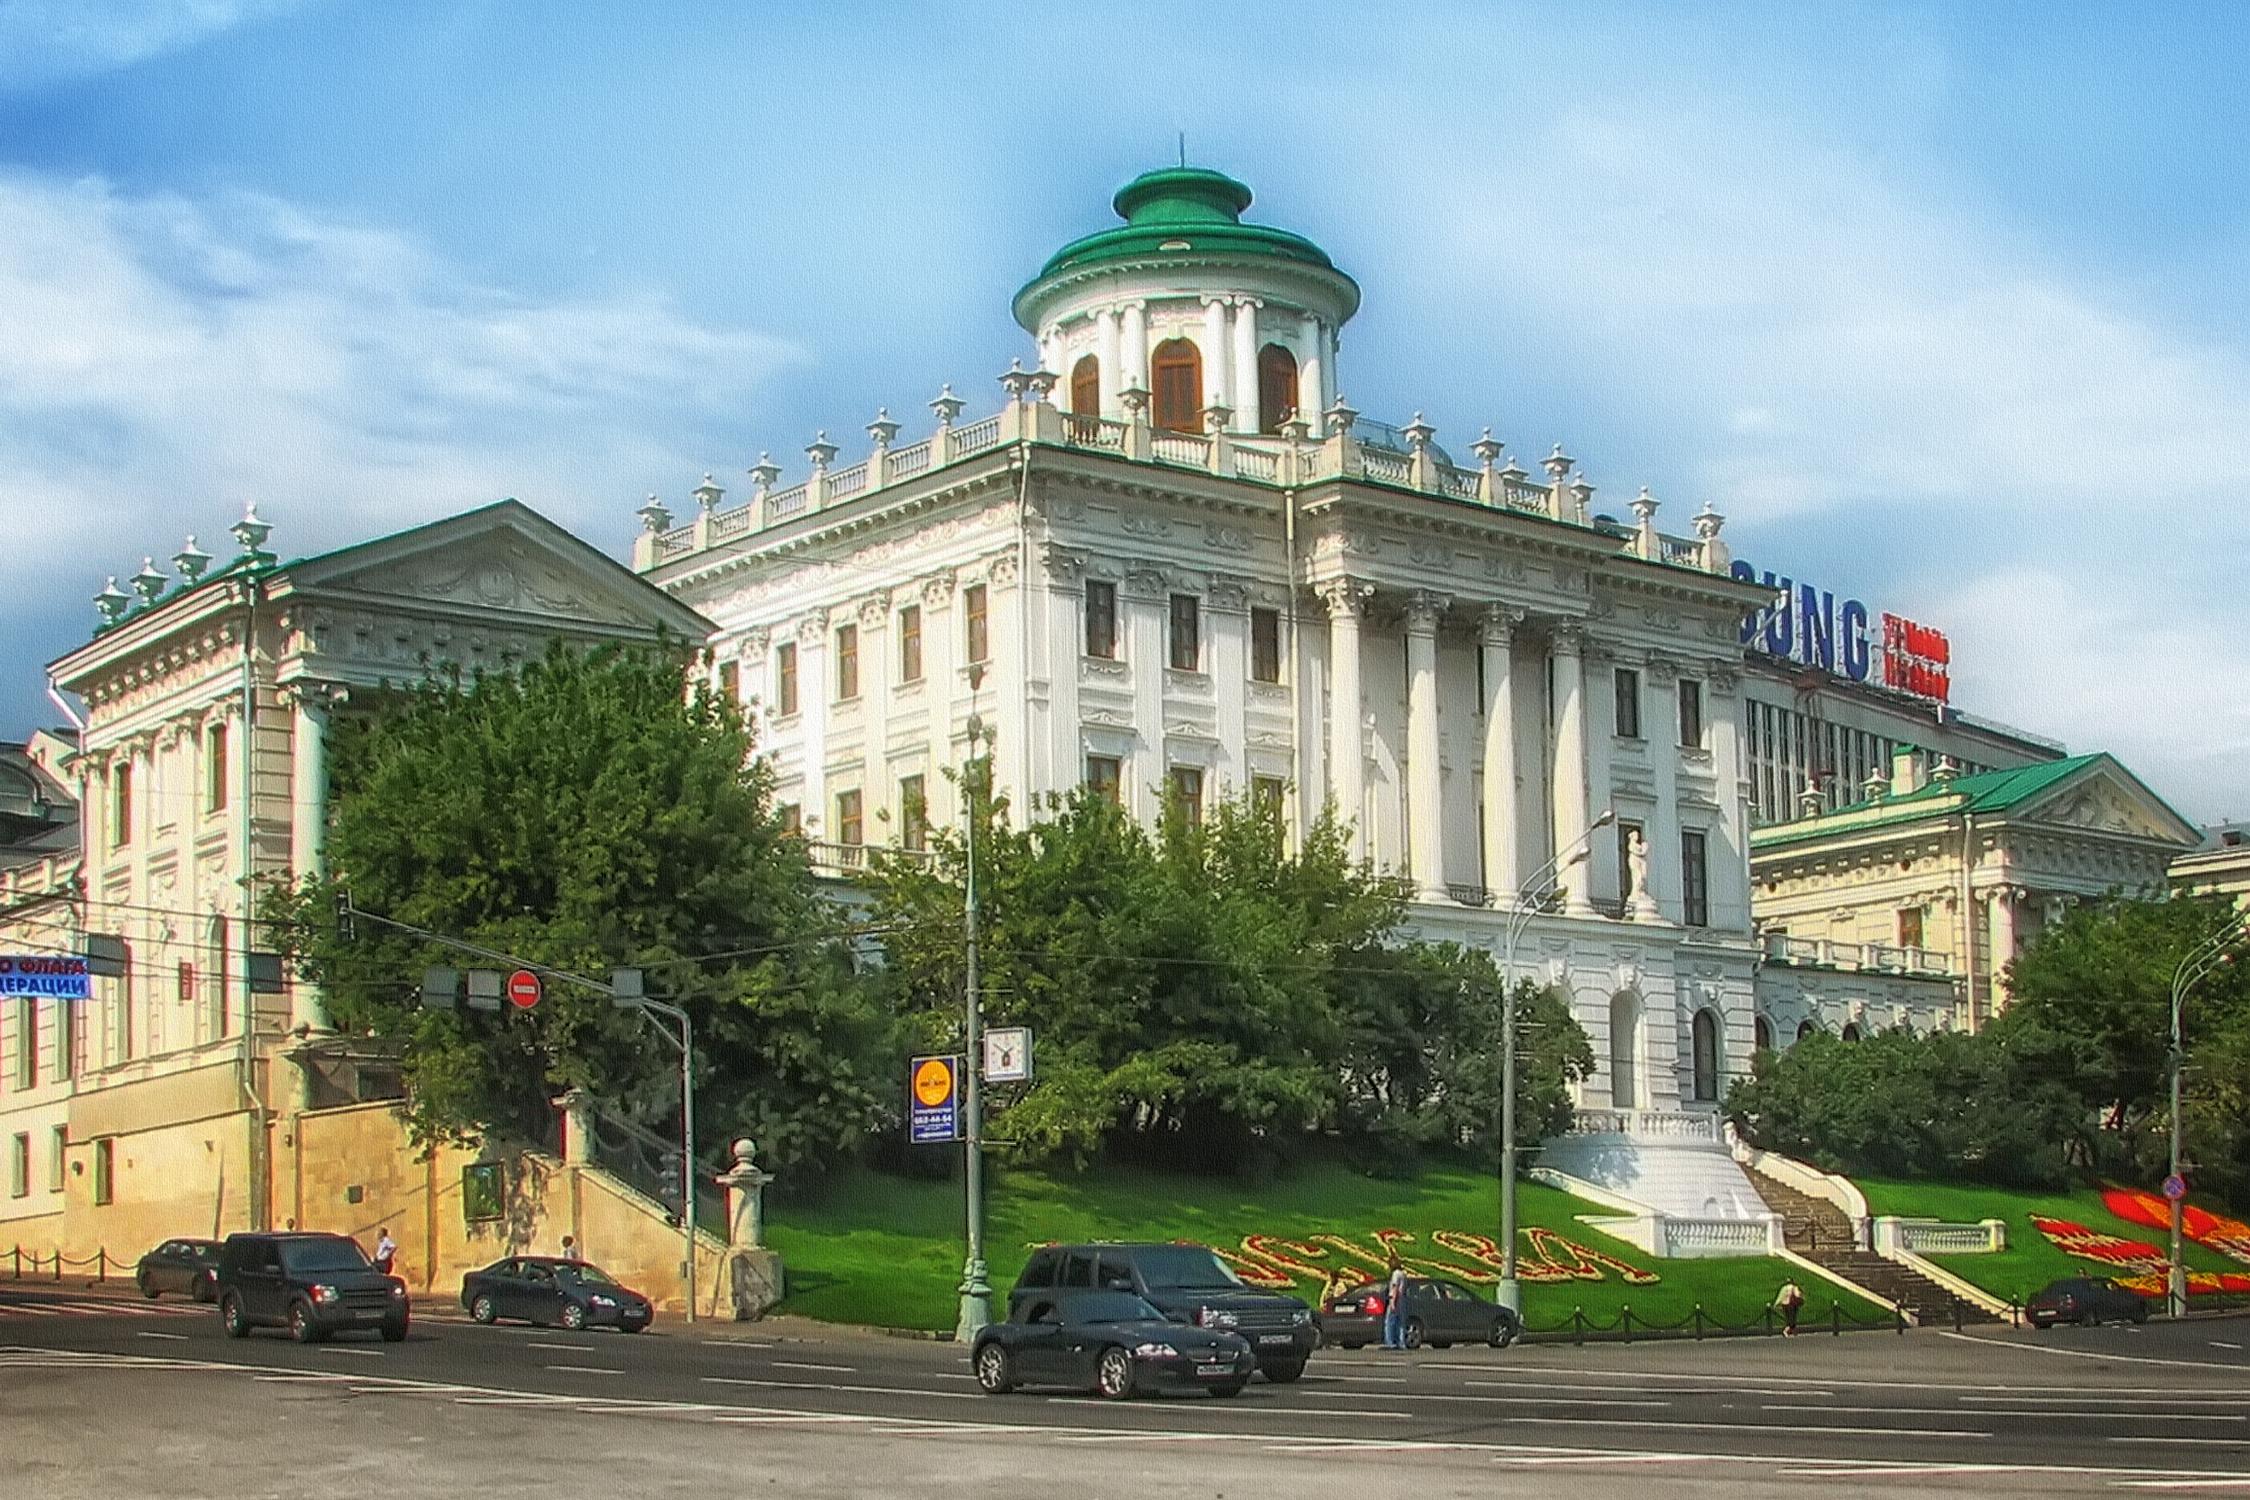 Пашков дом в Москве. Образец палладианской архитектуры в России